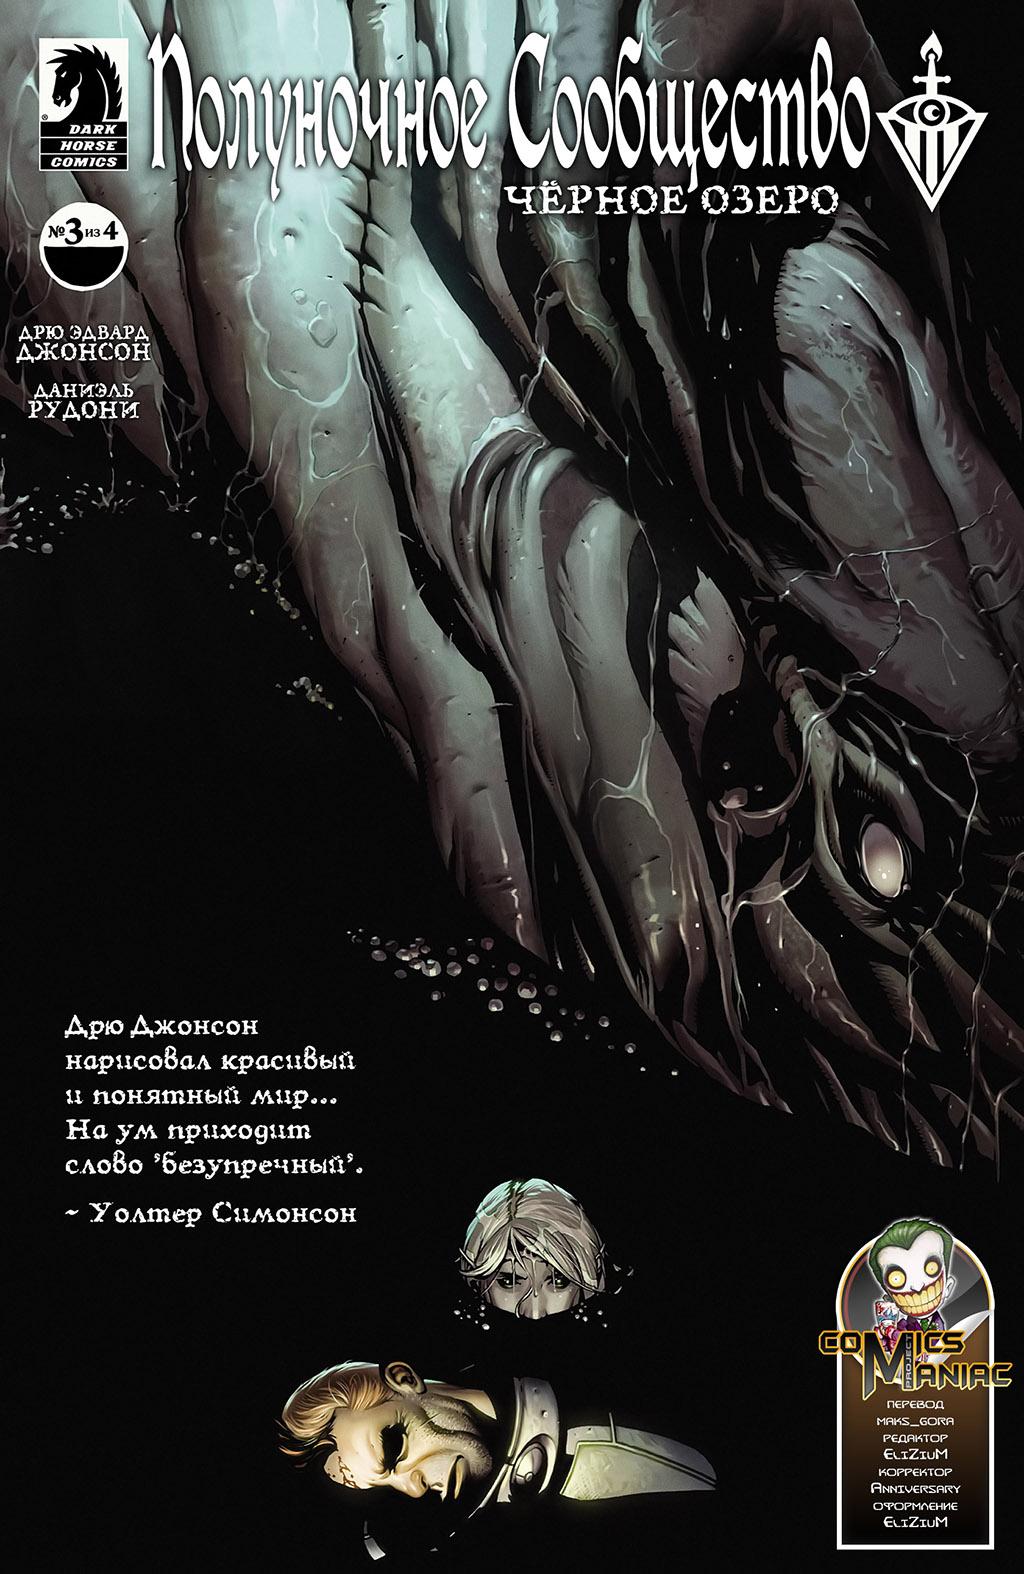 Комикс Полуночное Сообщество: Чёрное Озеро